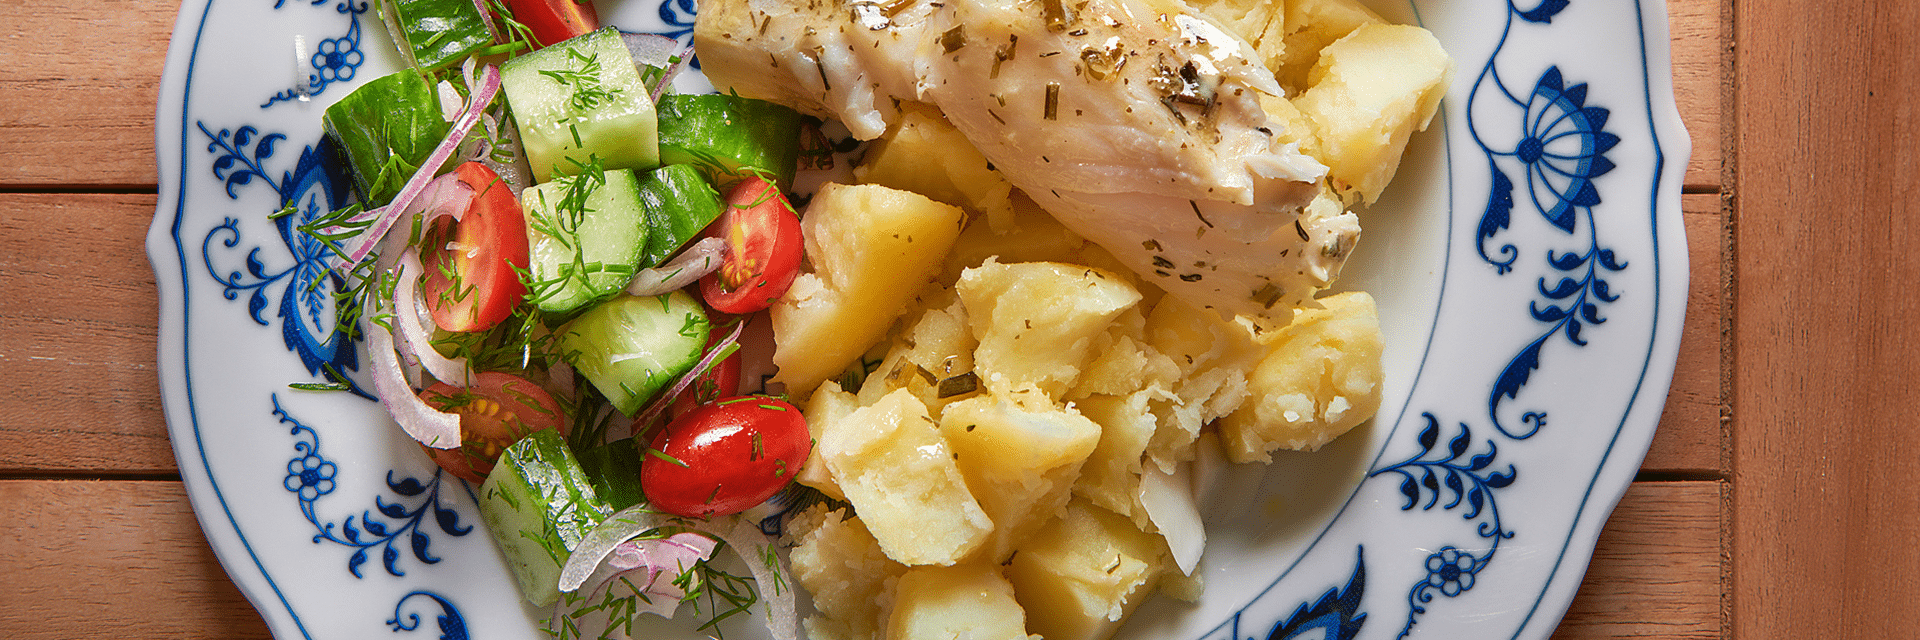 Oma's aardappel met gestoofde vis in kruidenboter